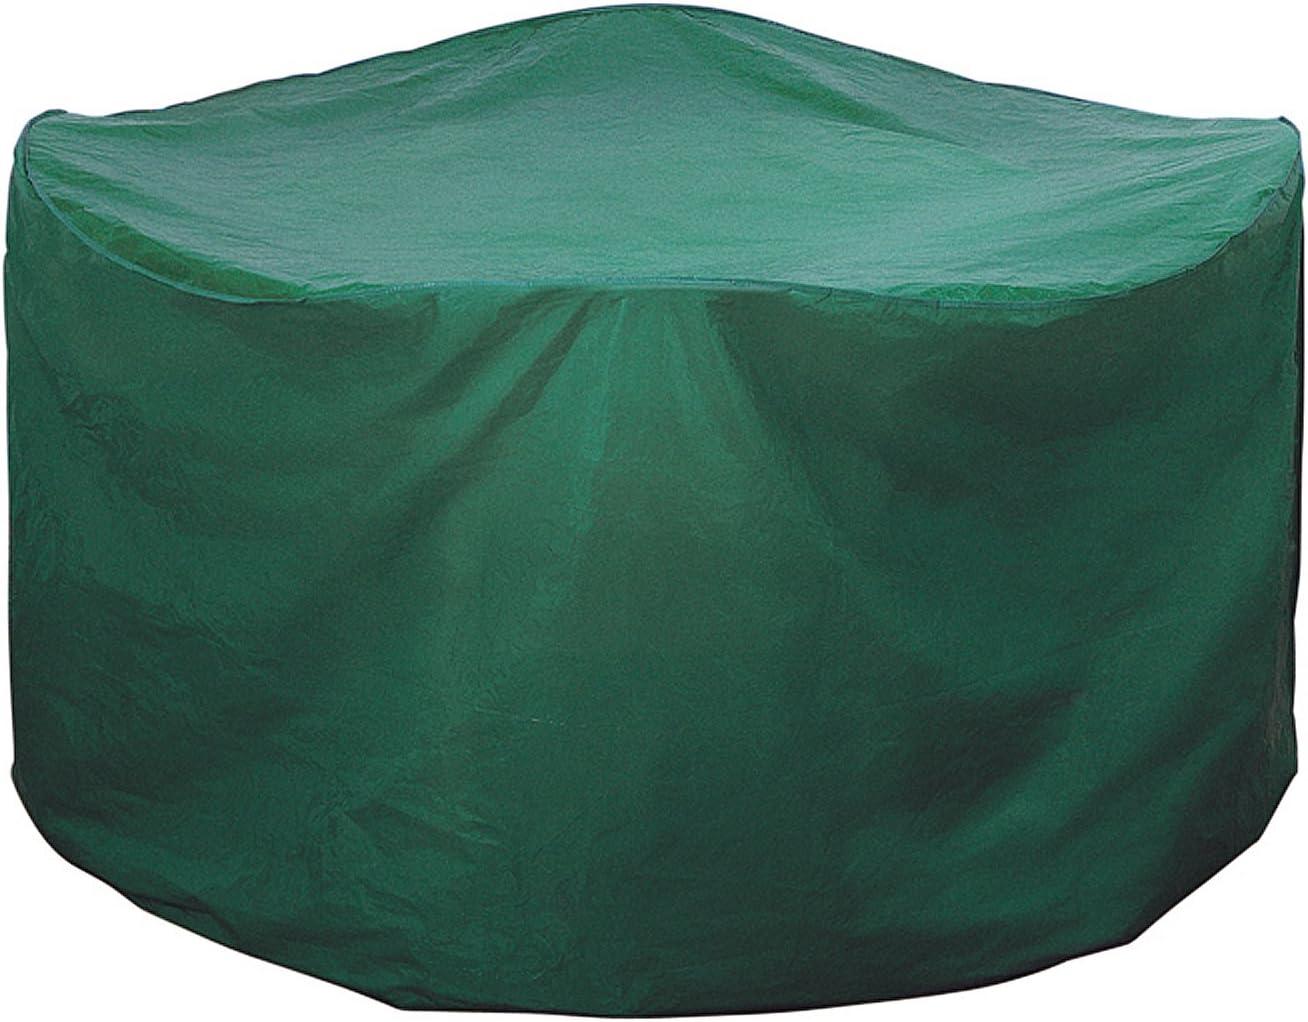 Rayen 6832.10 - Funda de Polietileno para Mesa de jardín, 160 x 100 centímetros, Color Verde